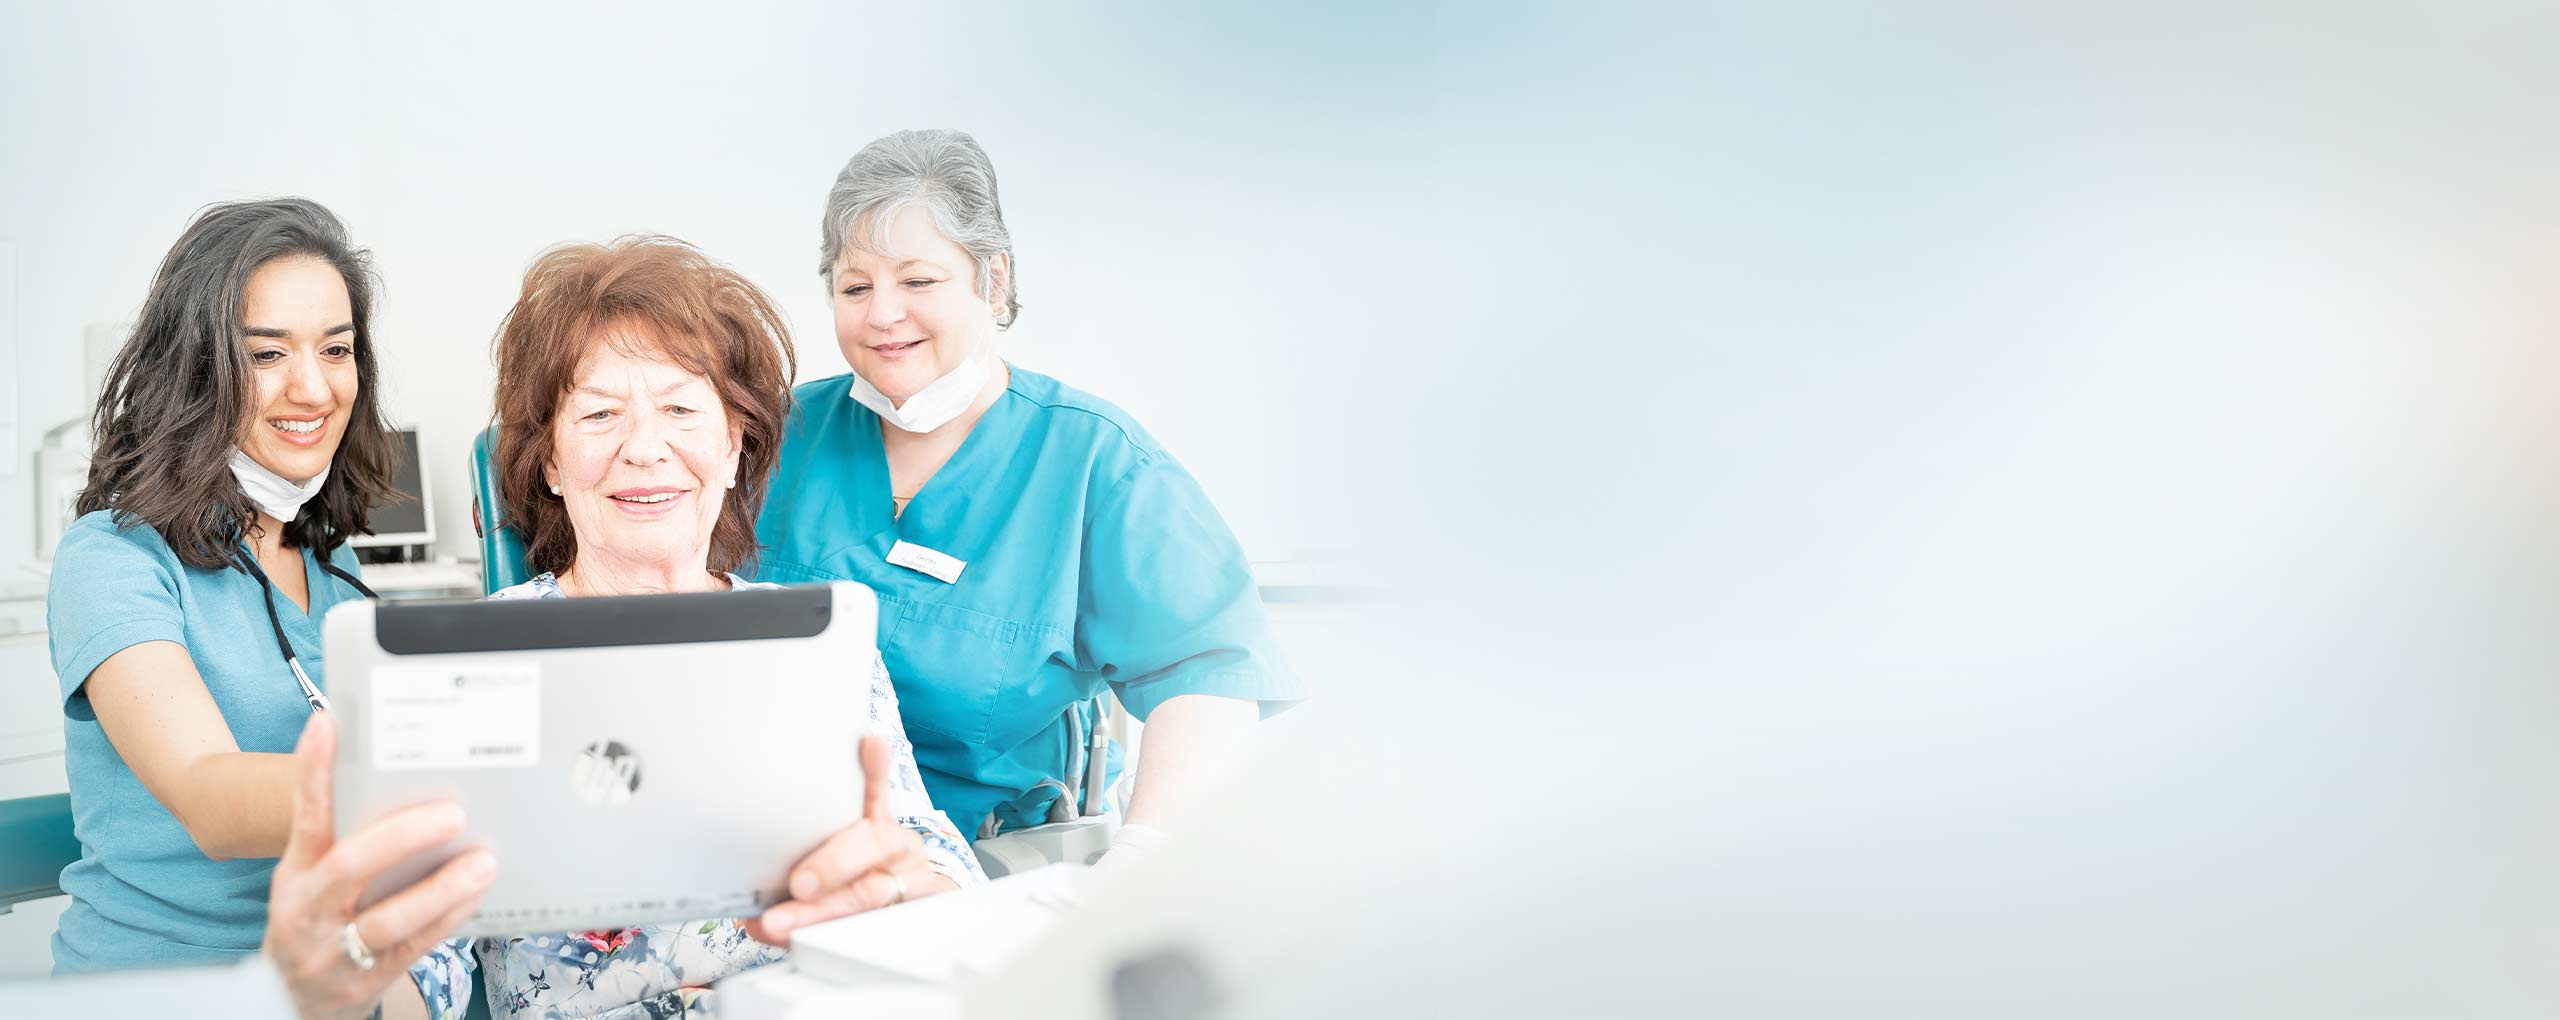 weickum zahnarzt mannheim behandlungsspektrum zahnersatz